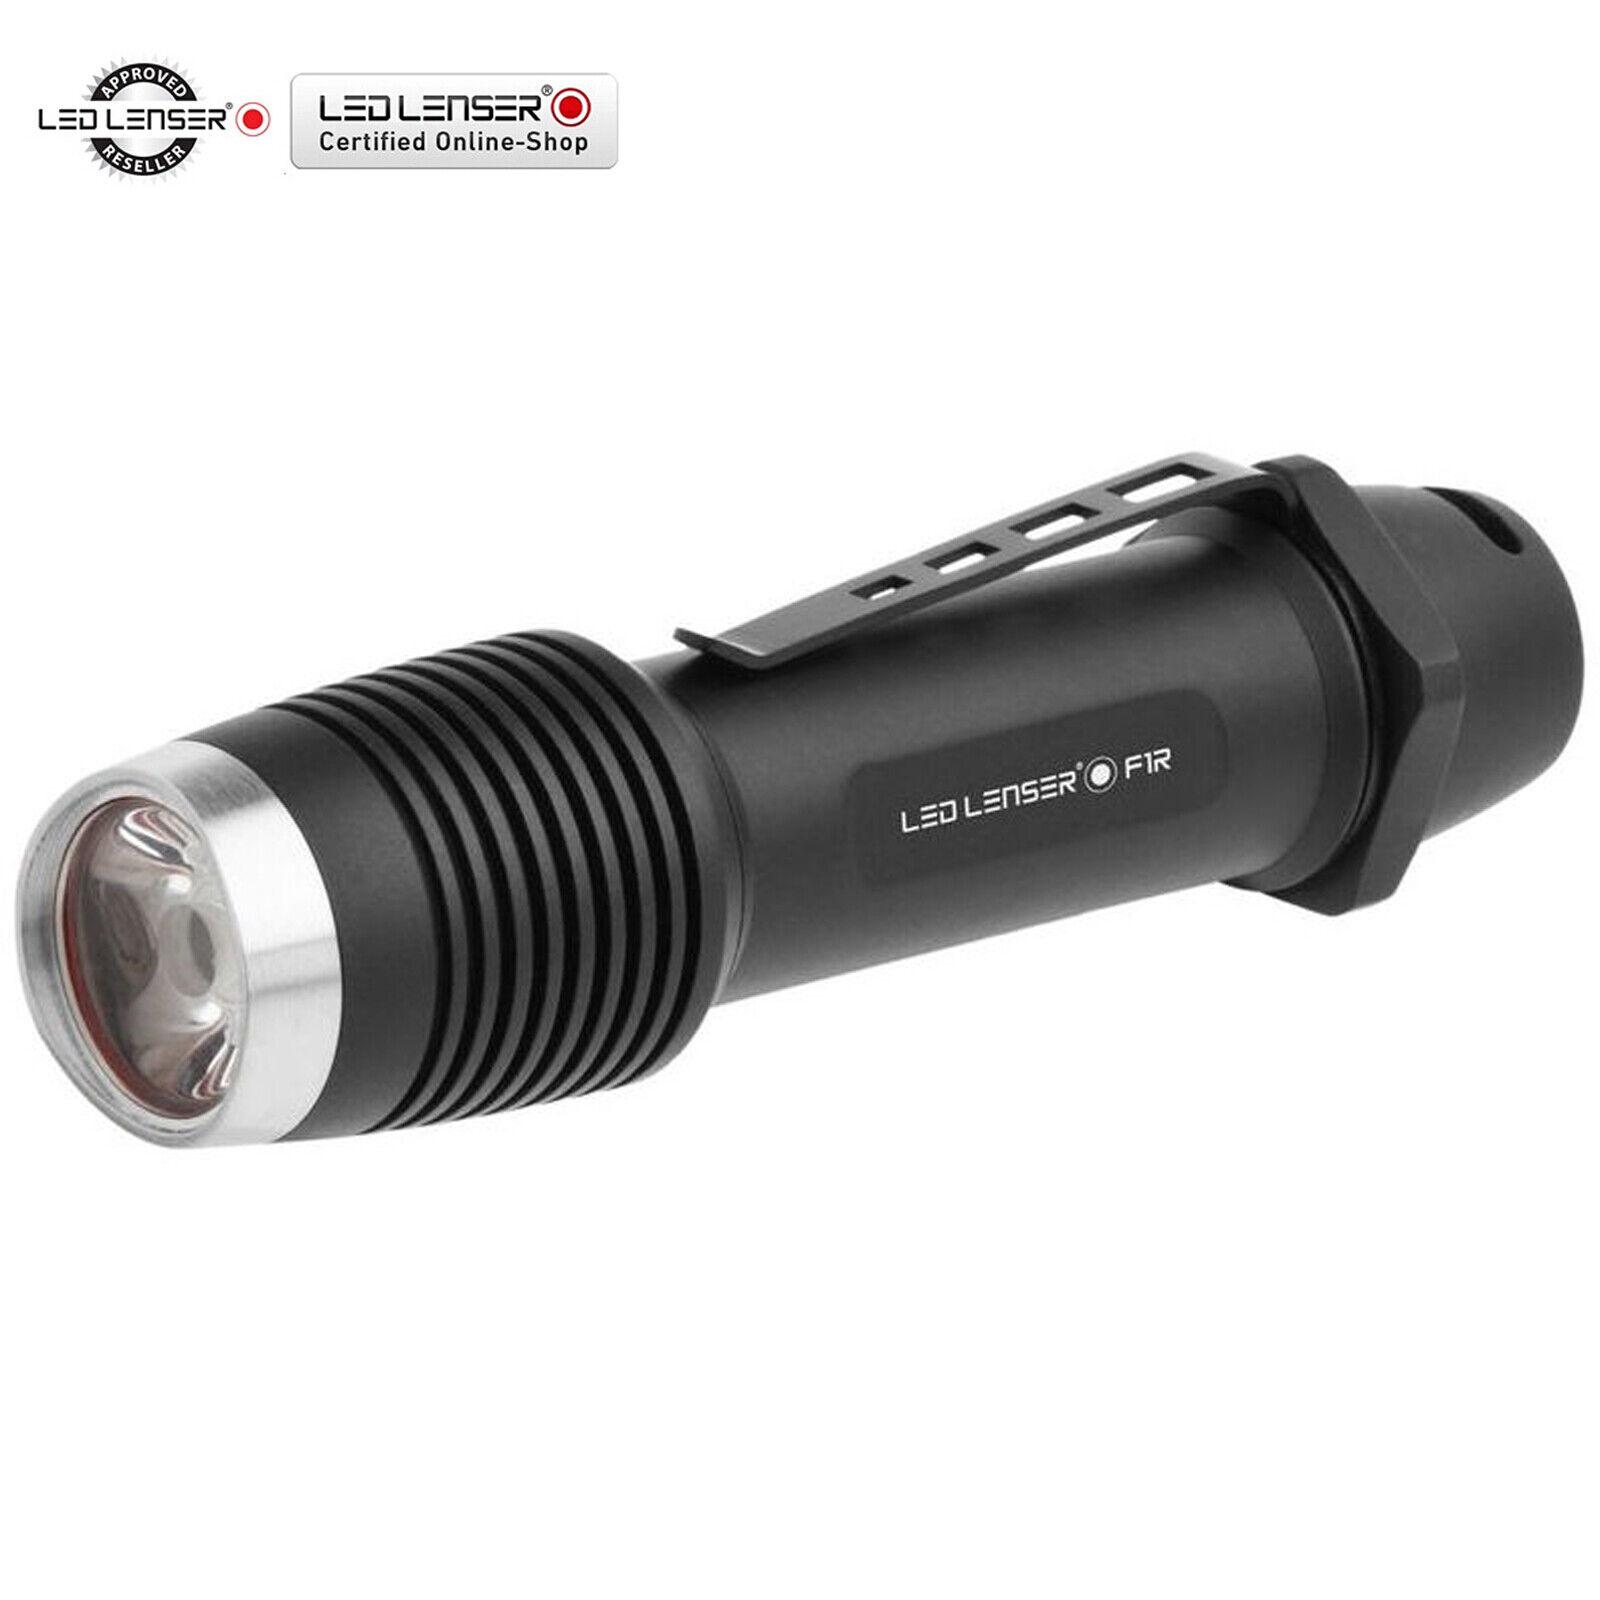 LED LENSER F1R Rechargeable Battery 400 Lumens Outdoor Light Flashlight